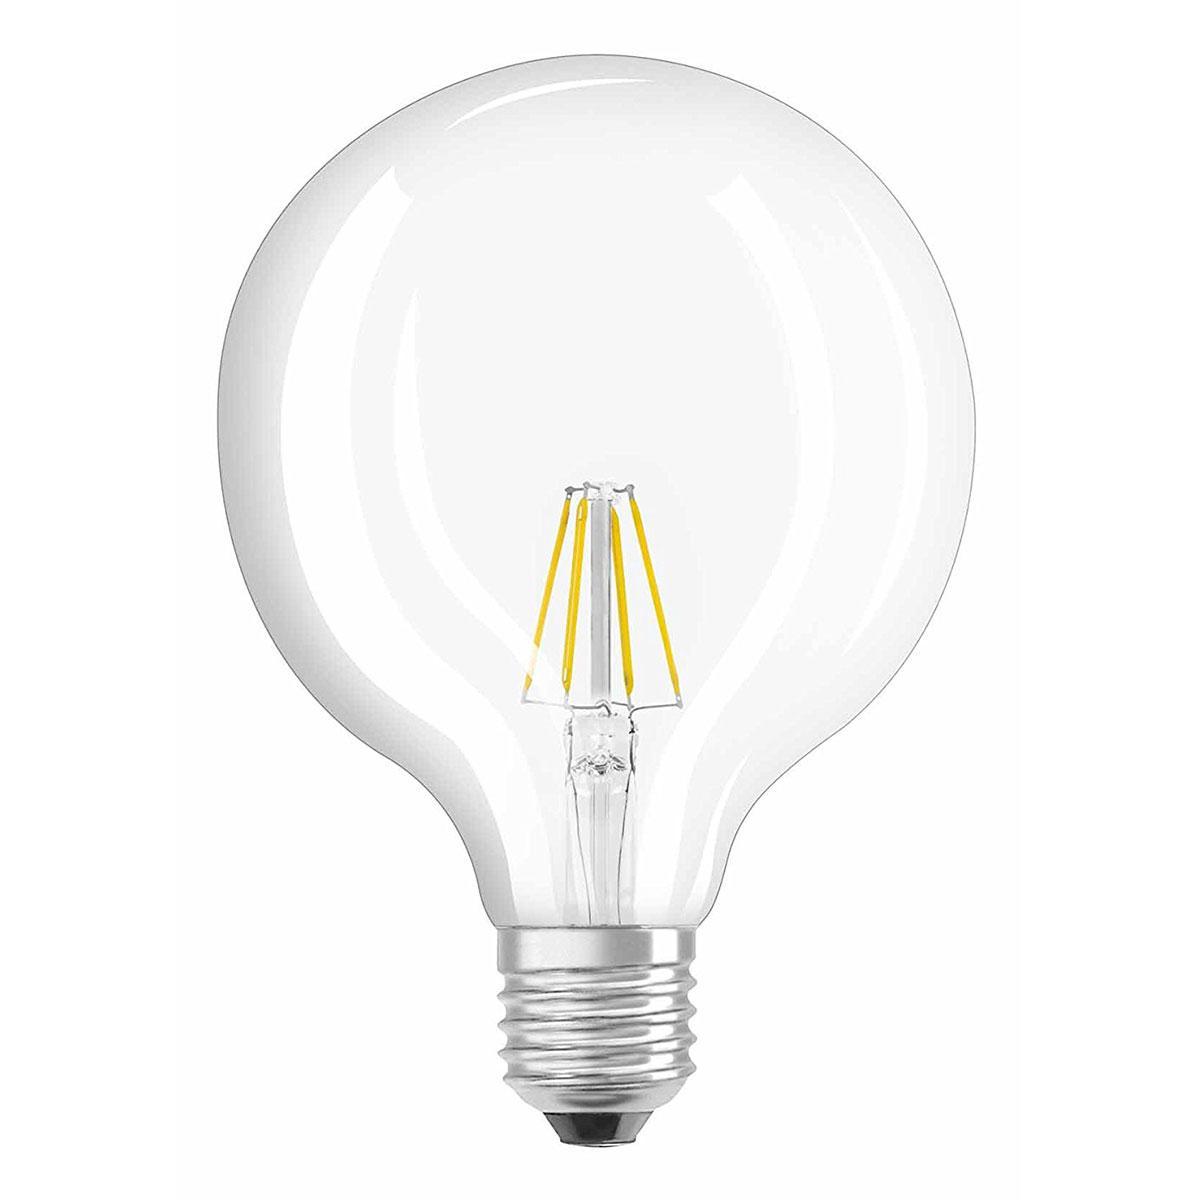 Osram Ampoule Led Retrofit Classic Globe E27 6w 60w A Ampoule